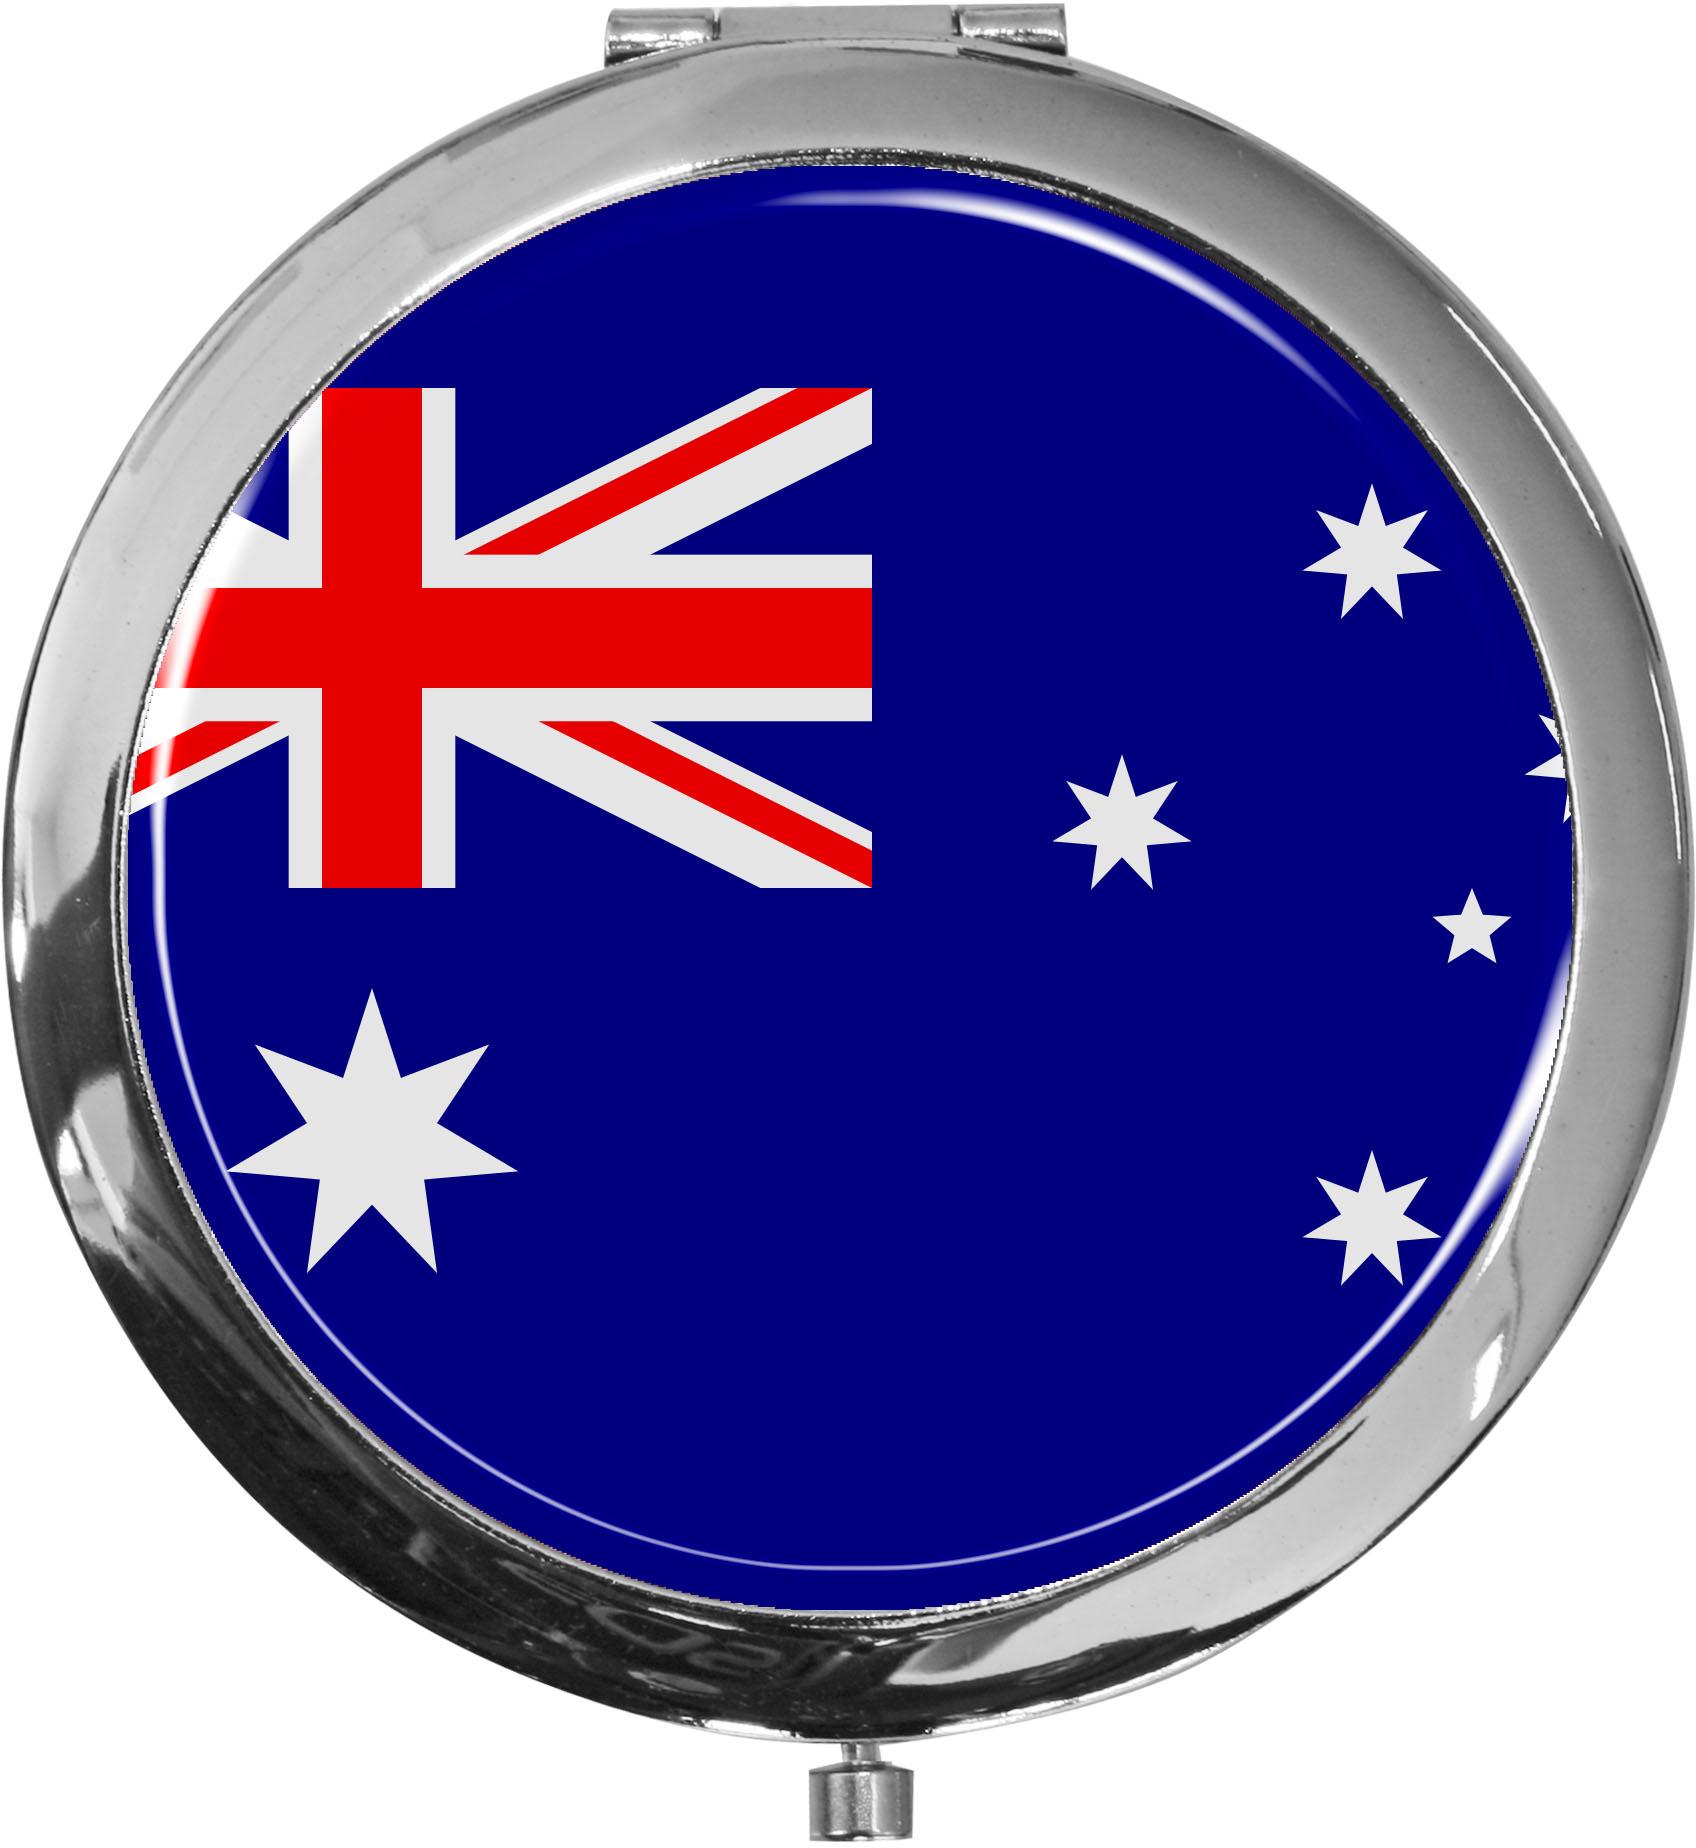 Taschenspiegel / Spiegel / Flagge Australien / 2 fache Vergrößerung